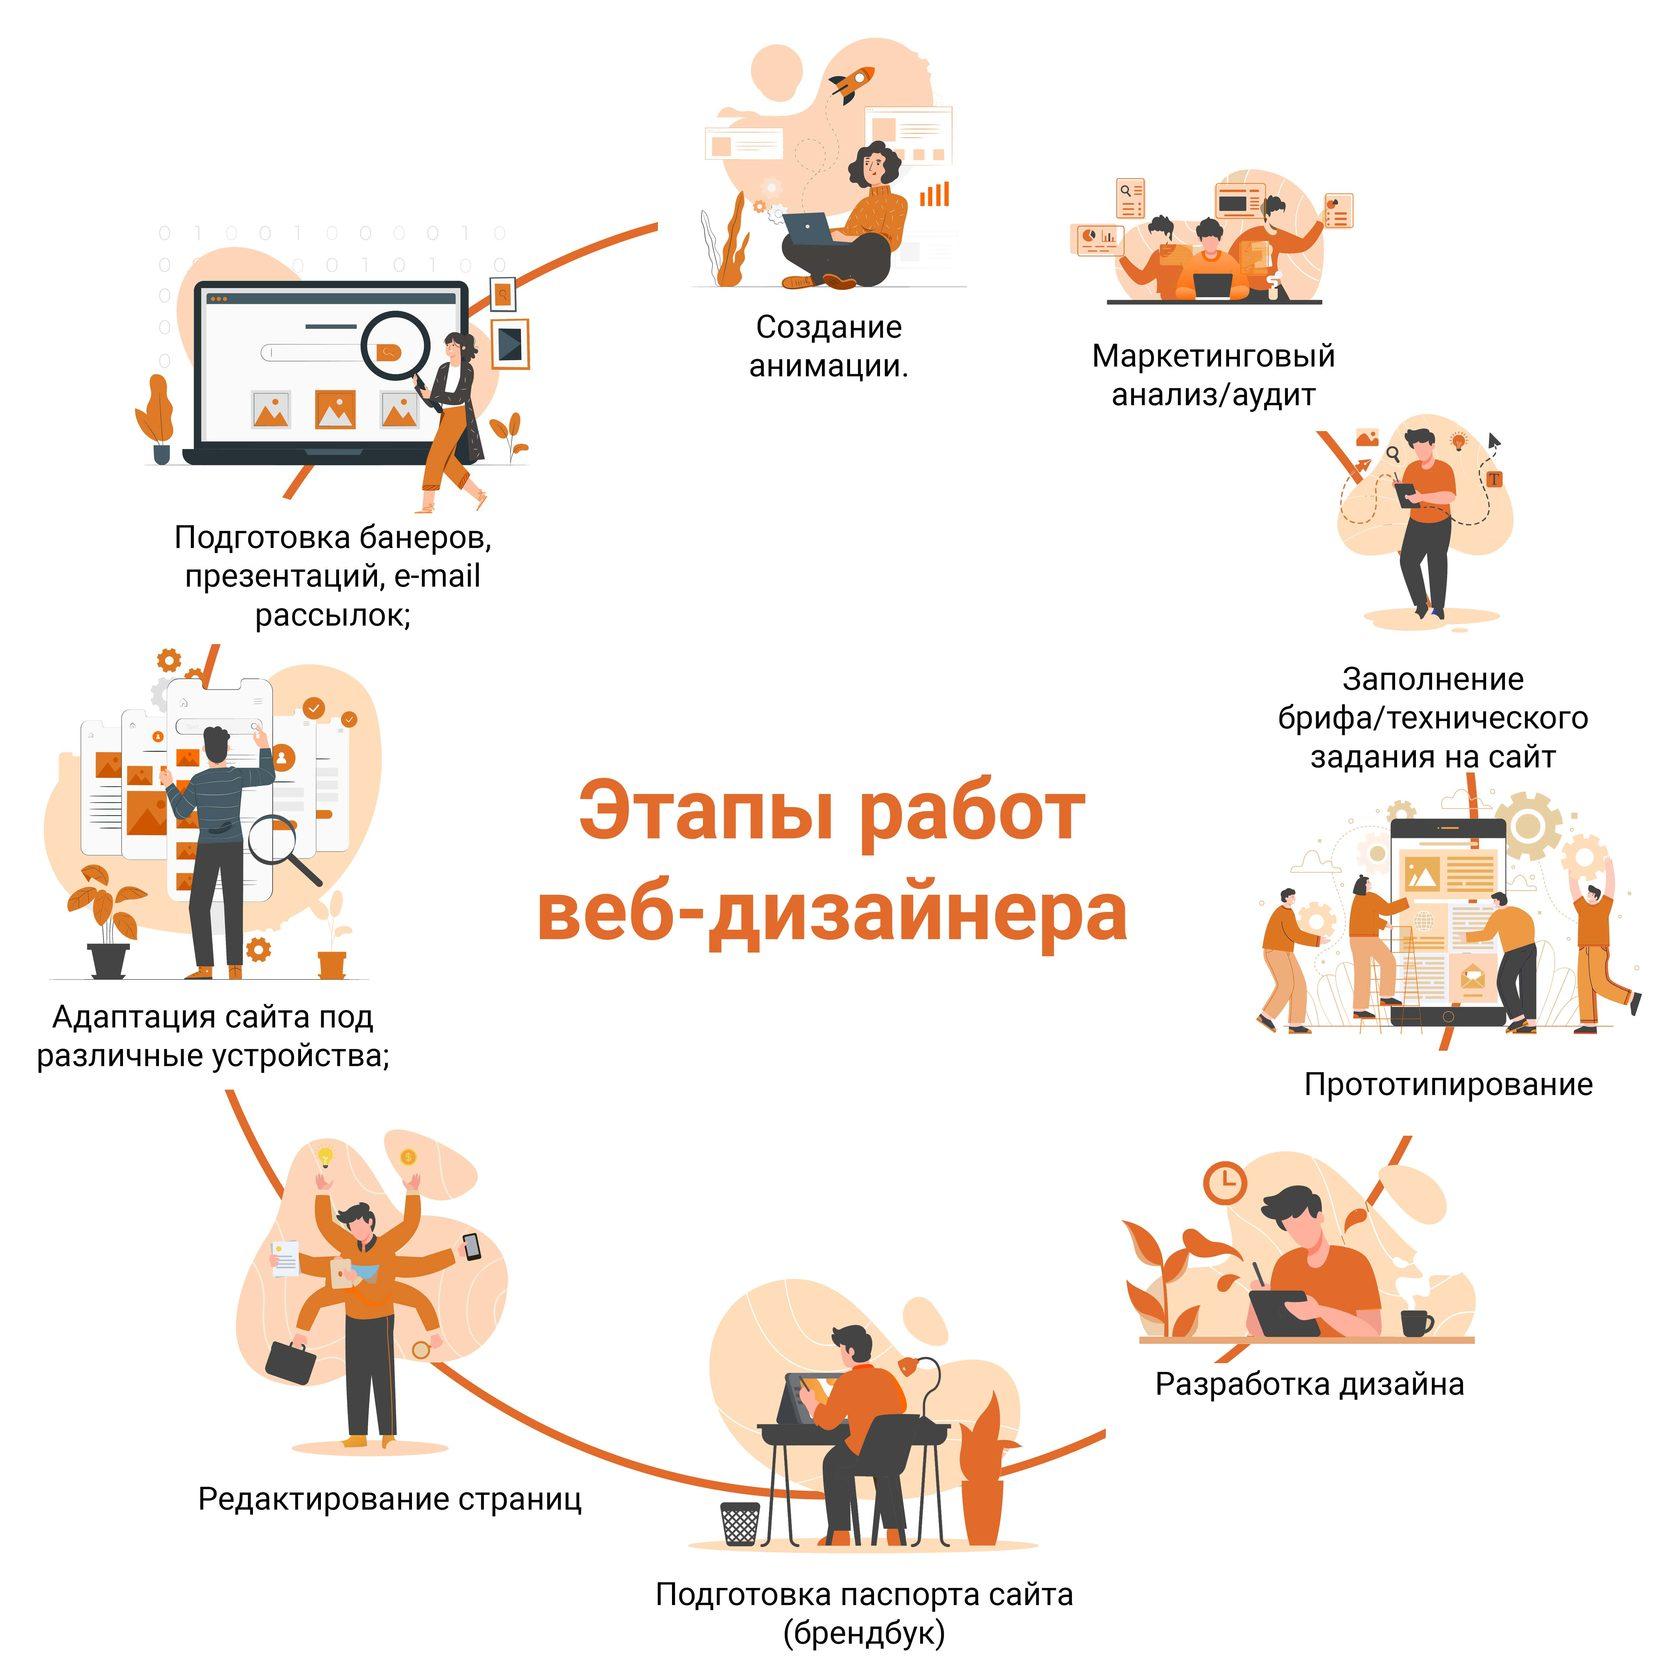 Этапы работ веб-дизайнера